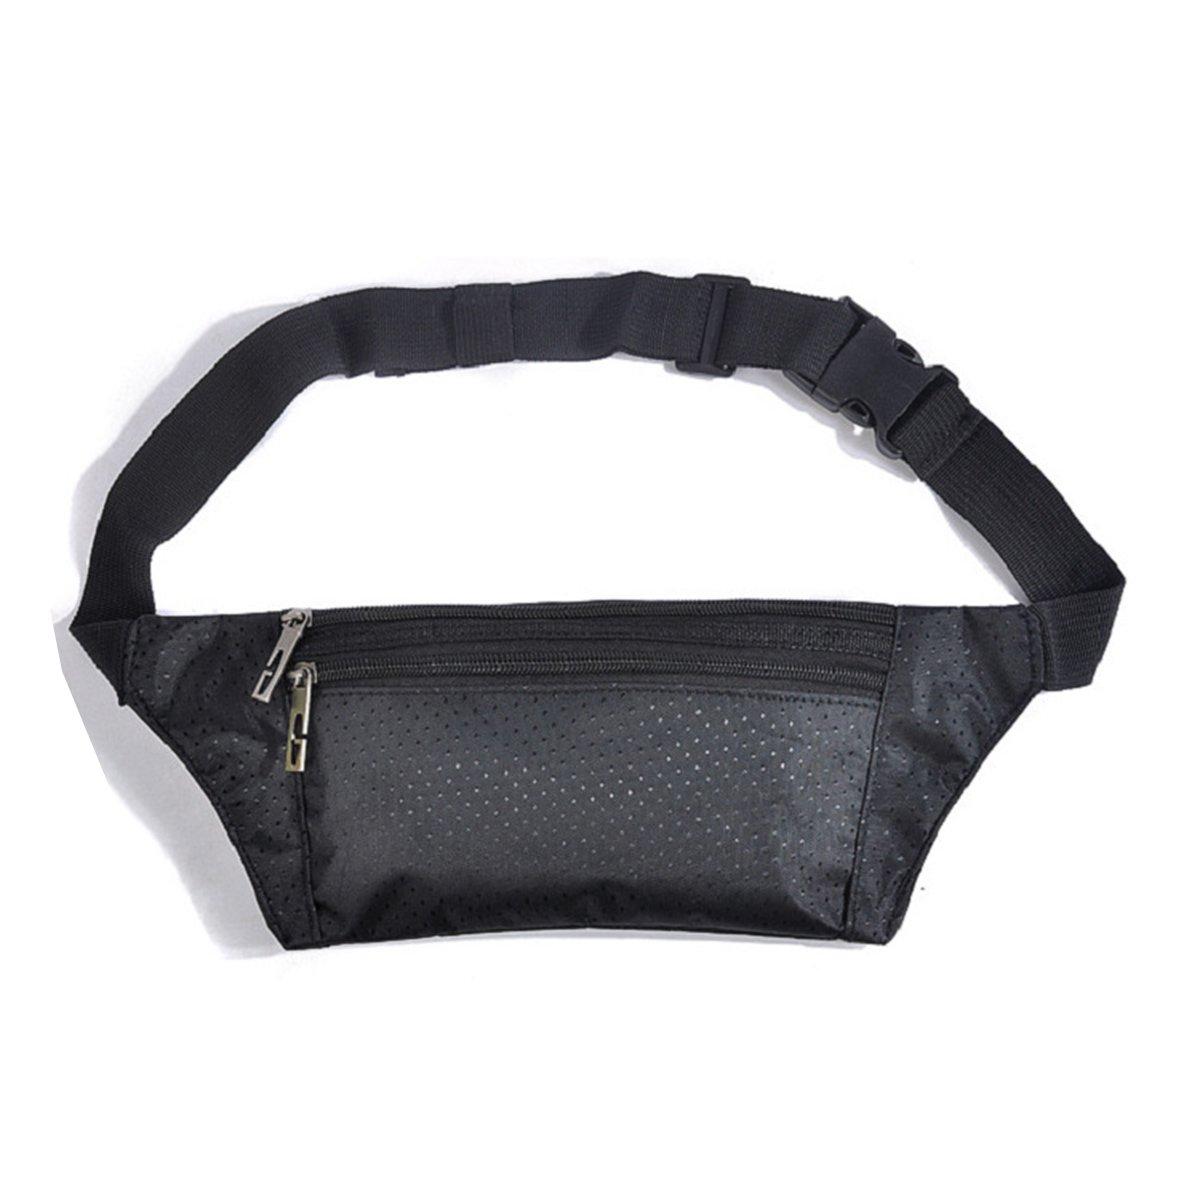 Running Belt Bum Bag Waterproof Fanny Pack Lightweight Adjustable Travel Waist Belt Bag Unisex